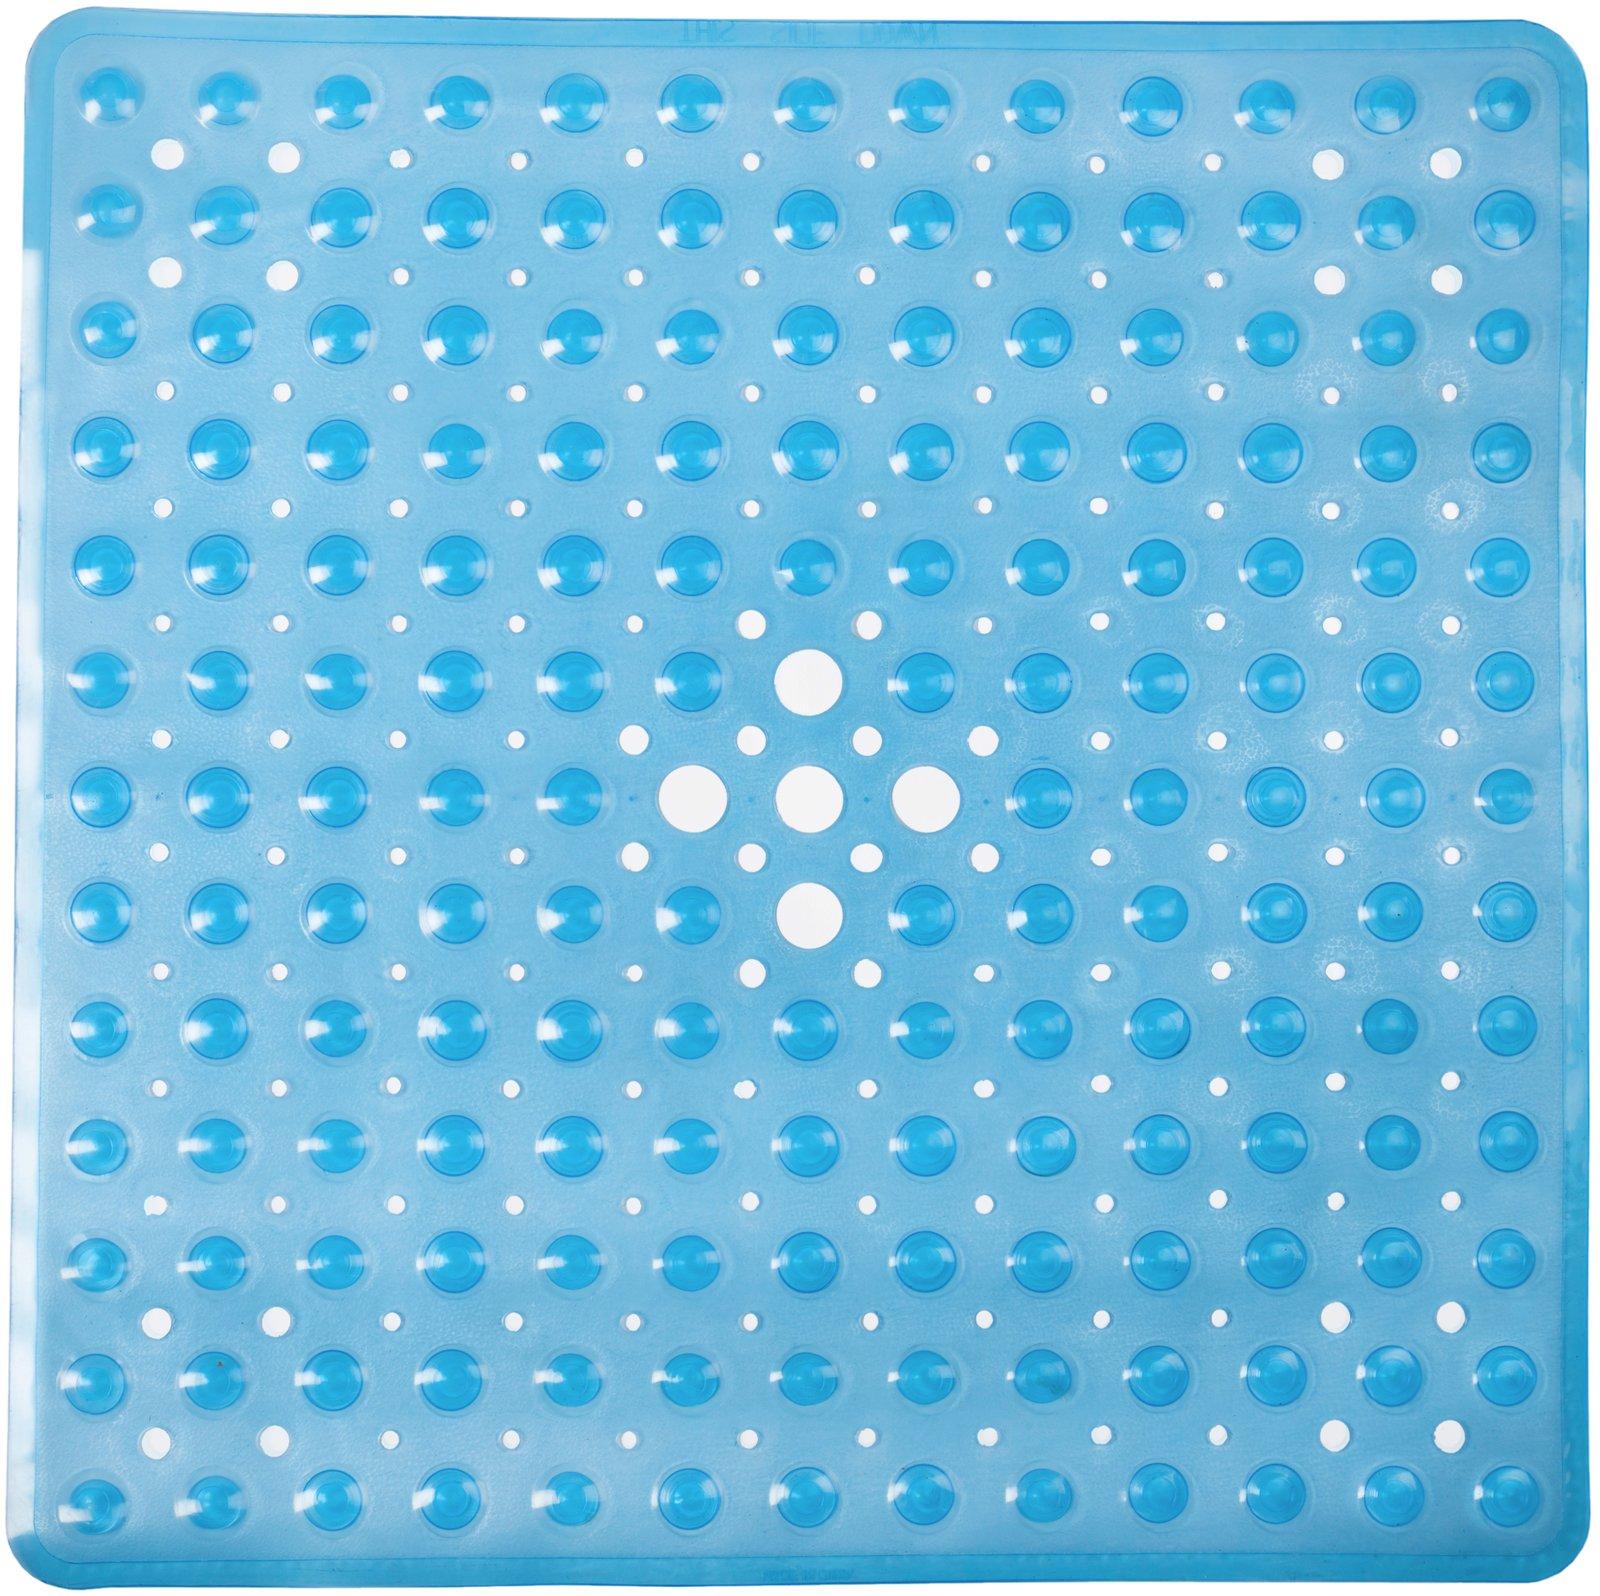 Best anti slip mats for shower | Amazon.com